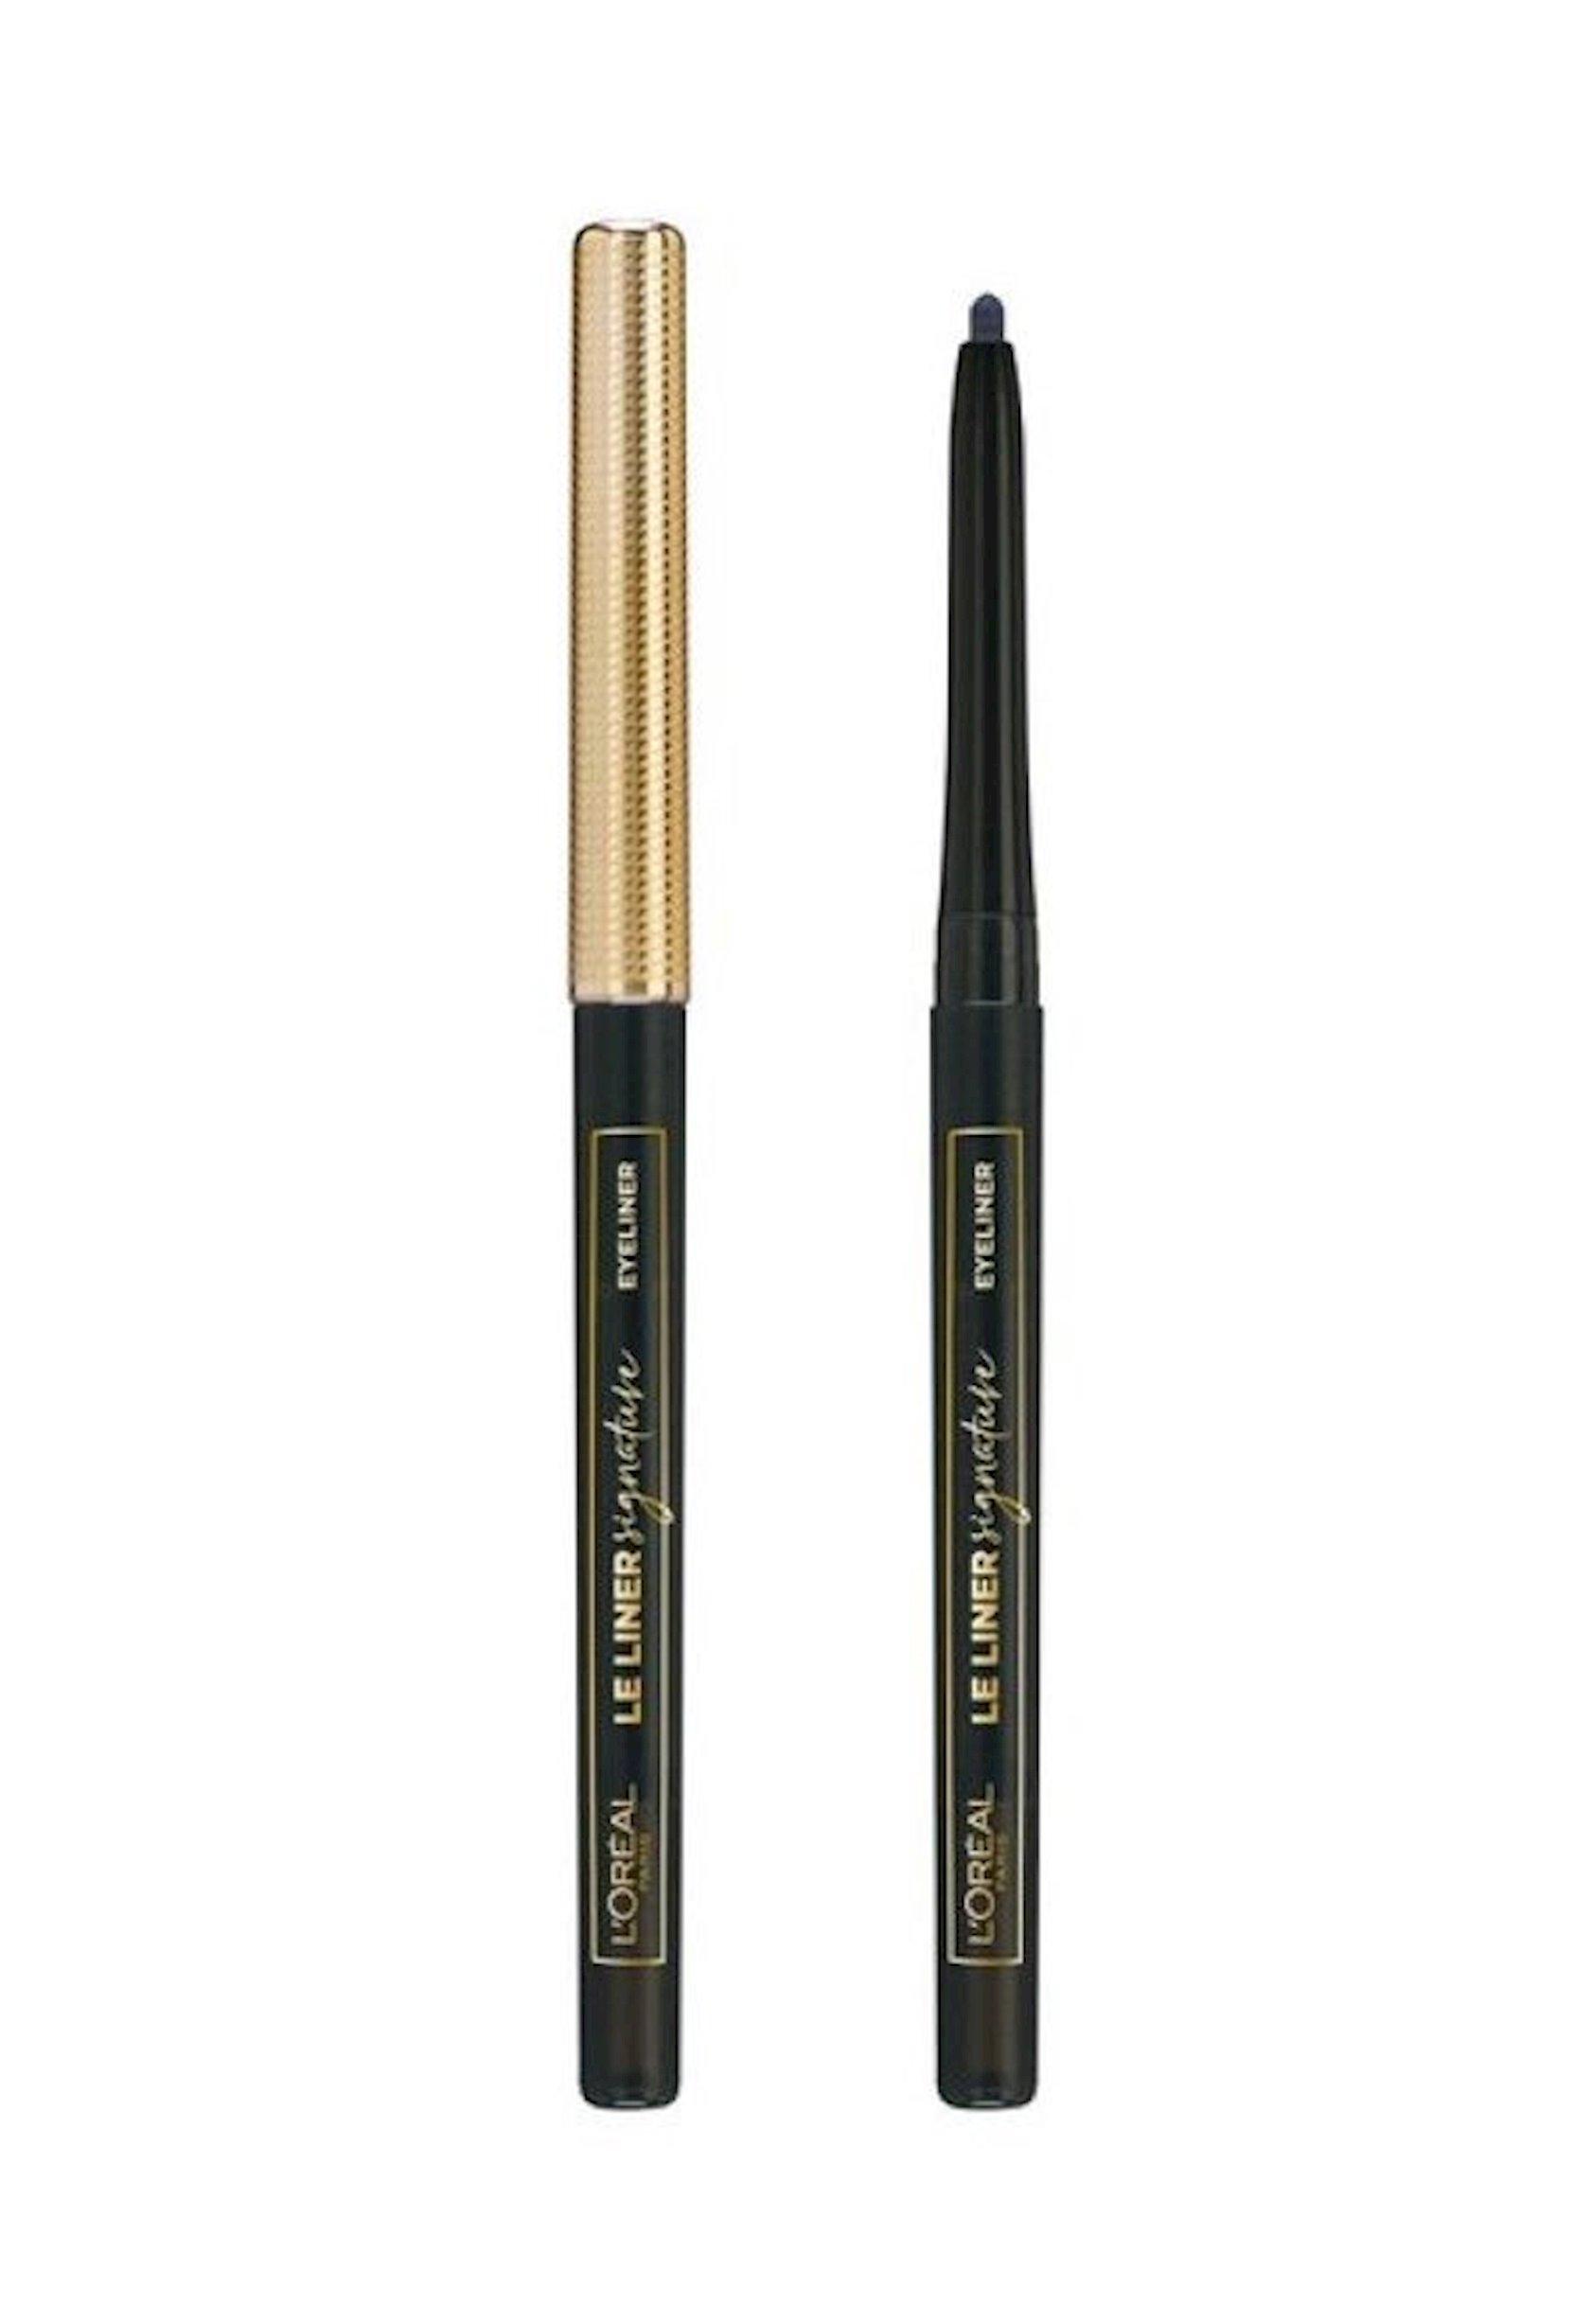 Göz qələmi L'Oréal Paris Le Liner Signature 01